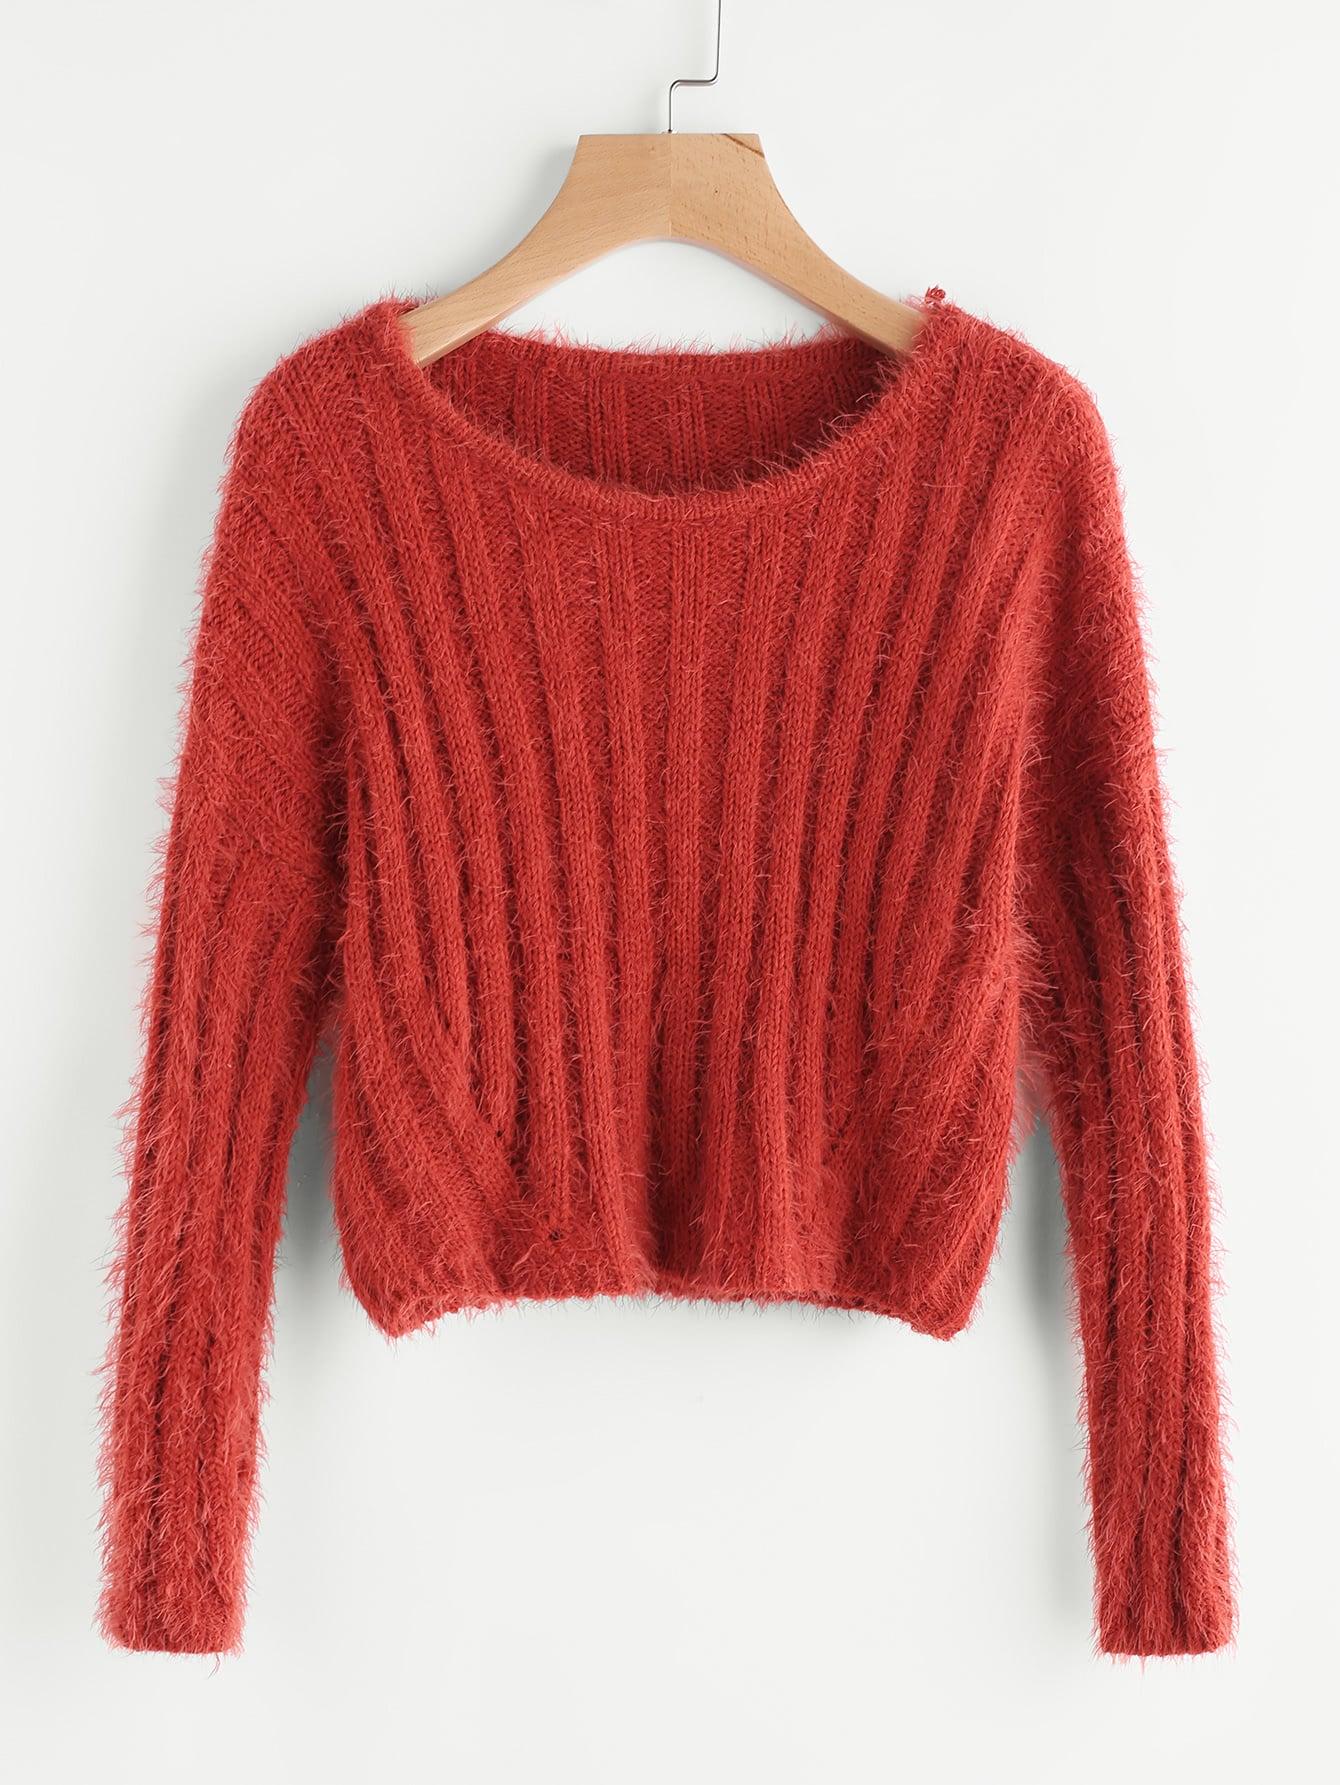 Rib Knit Crop Fuzzy Jumper sweater170627461